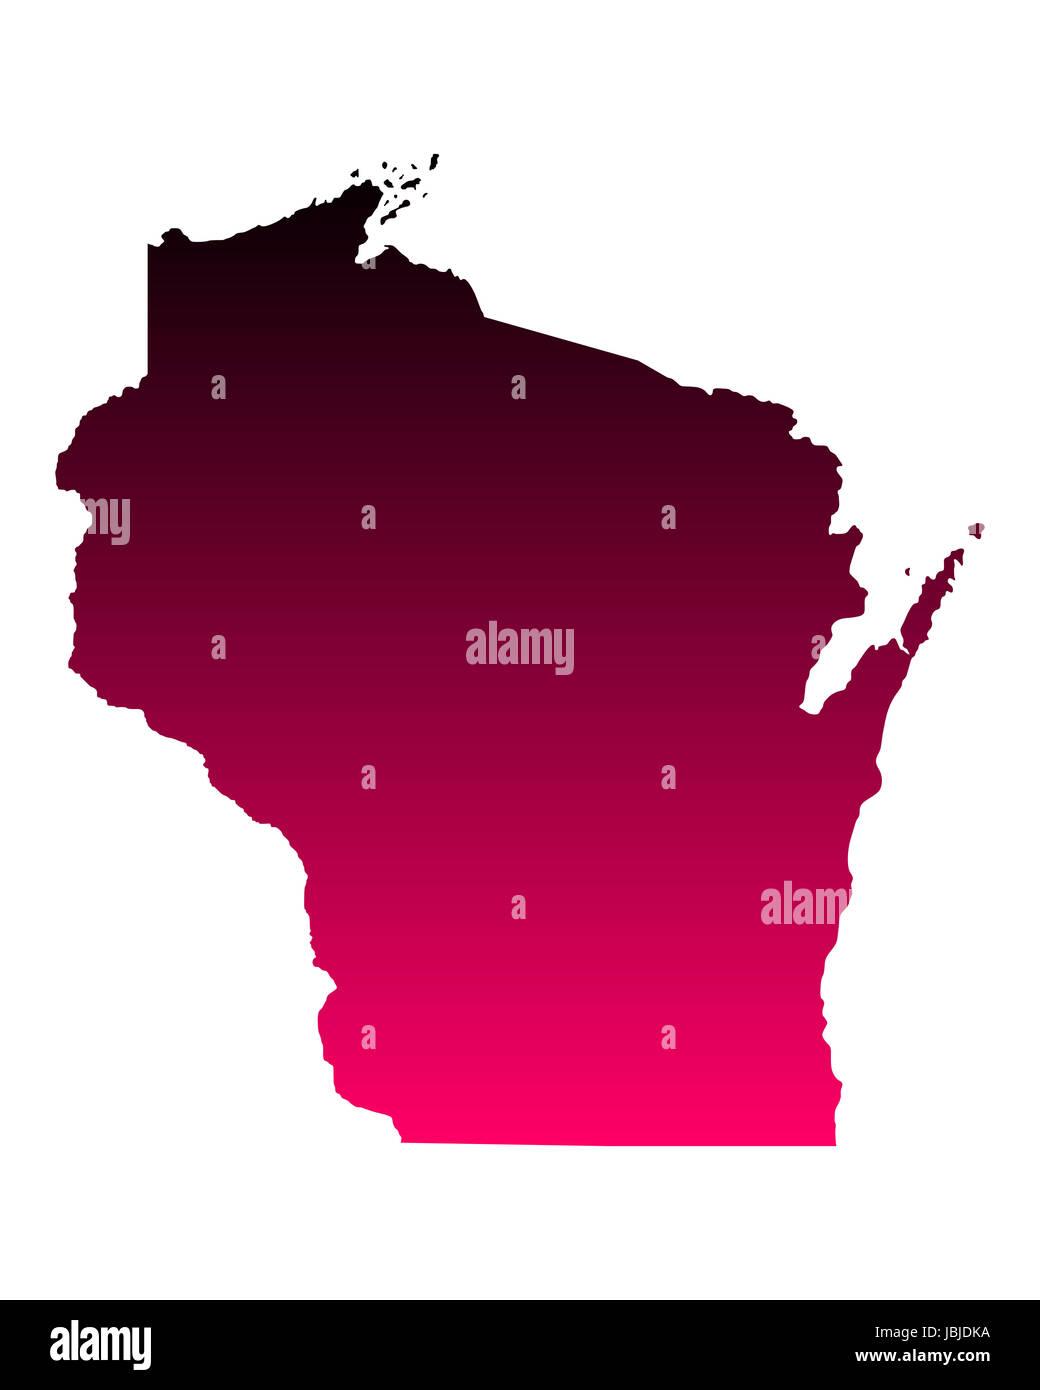 Karte von Wisconsin - Stock Image